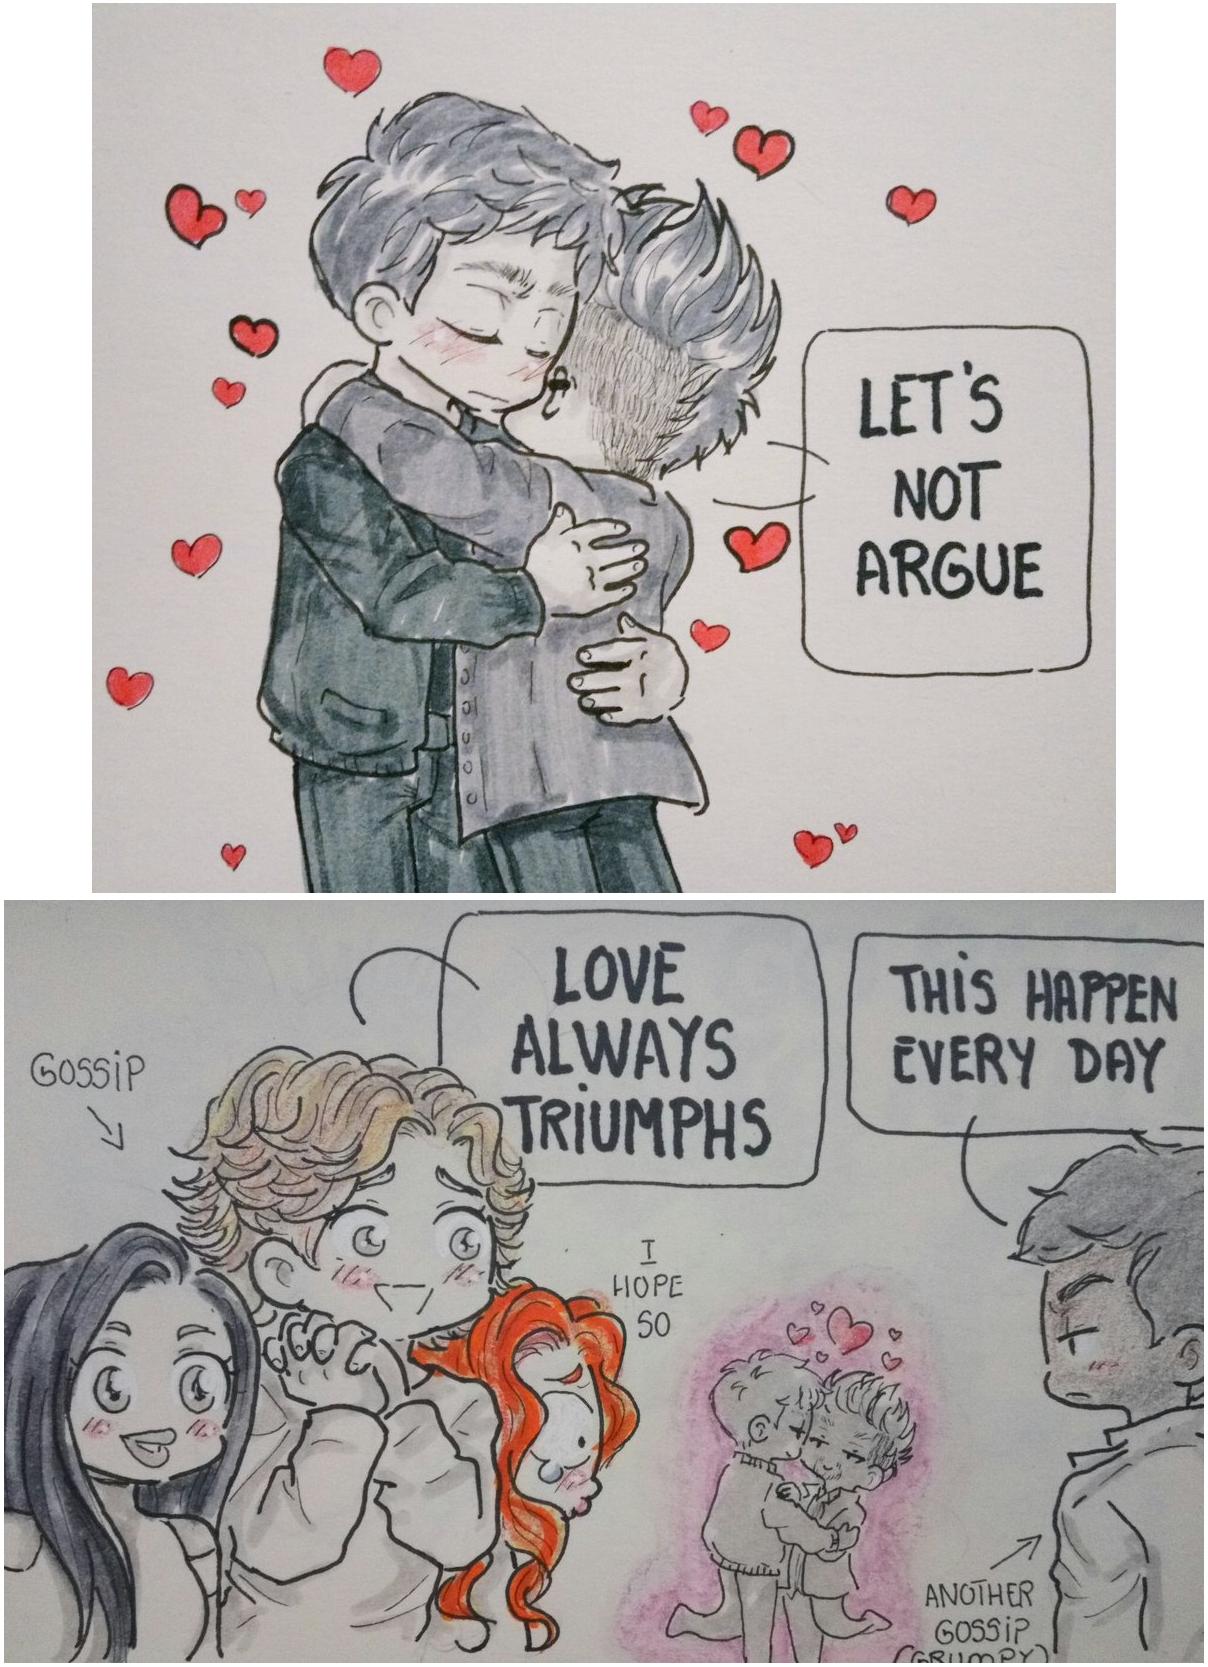 Love always triumphs